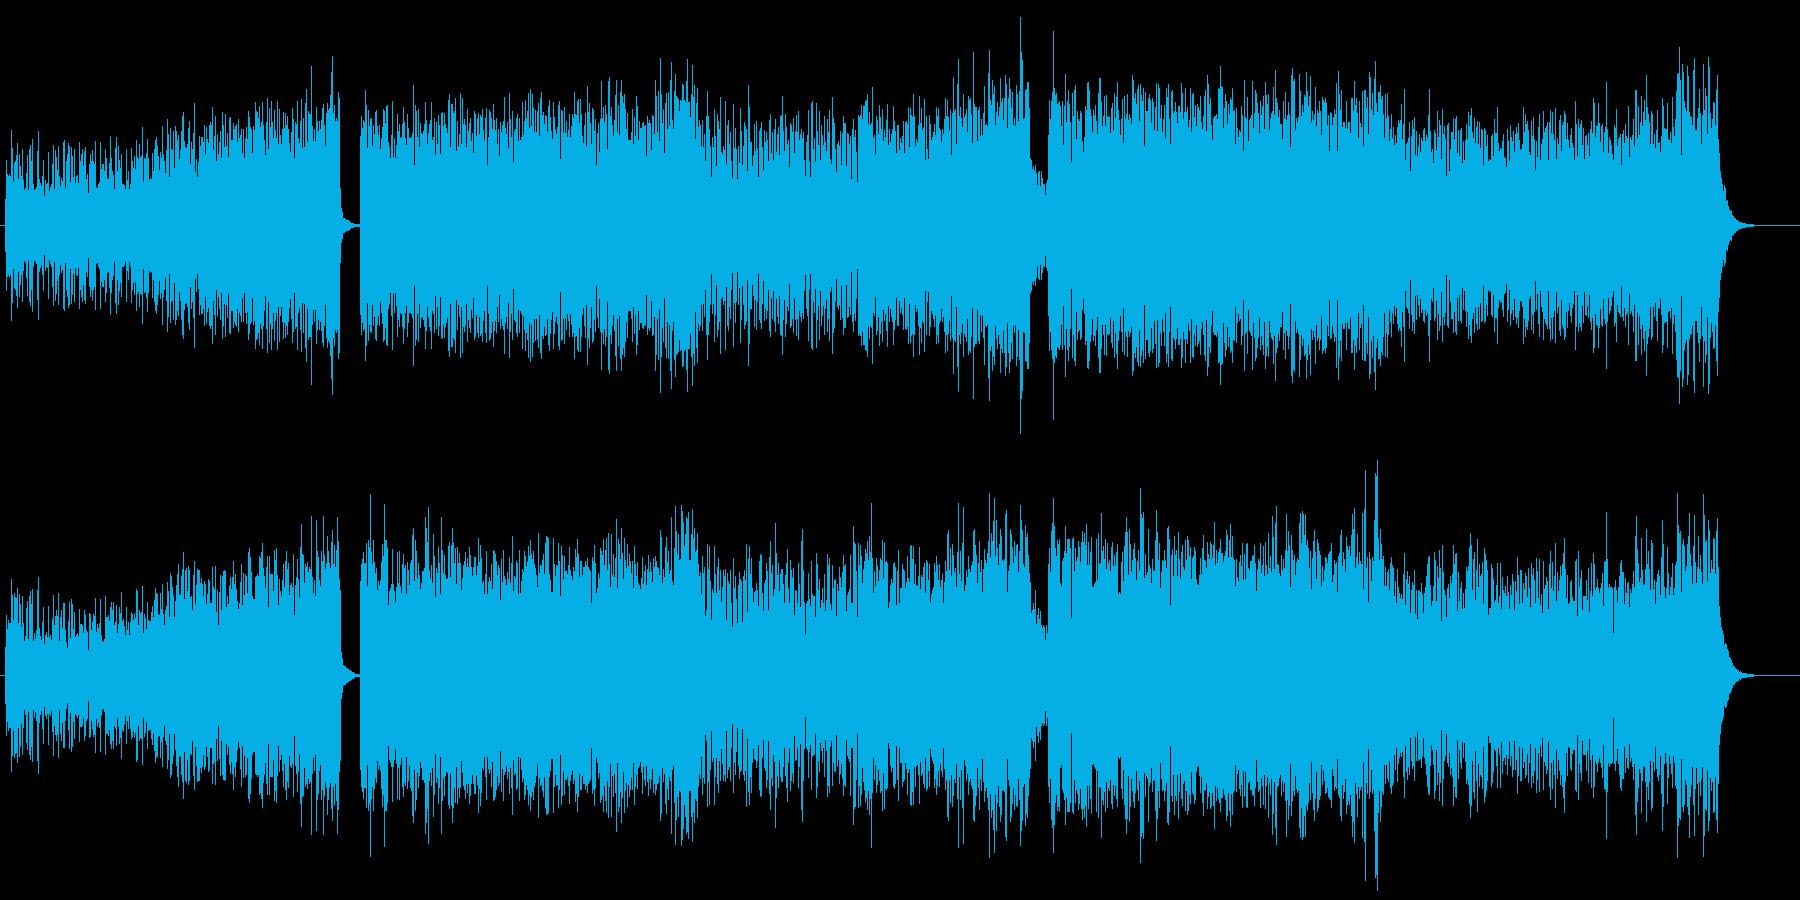 ハイテンションアゲアゲ系UKハードコアの再生済みの波形